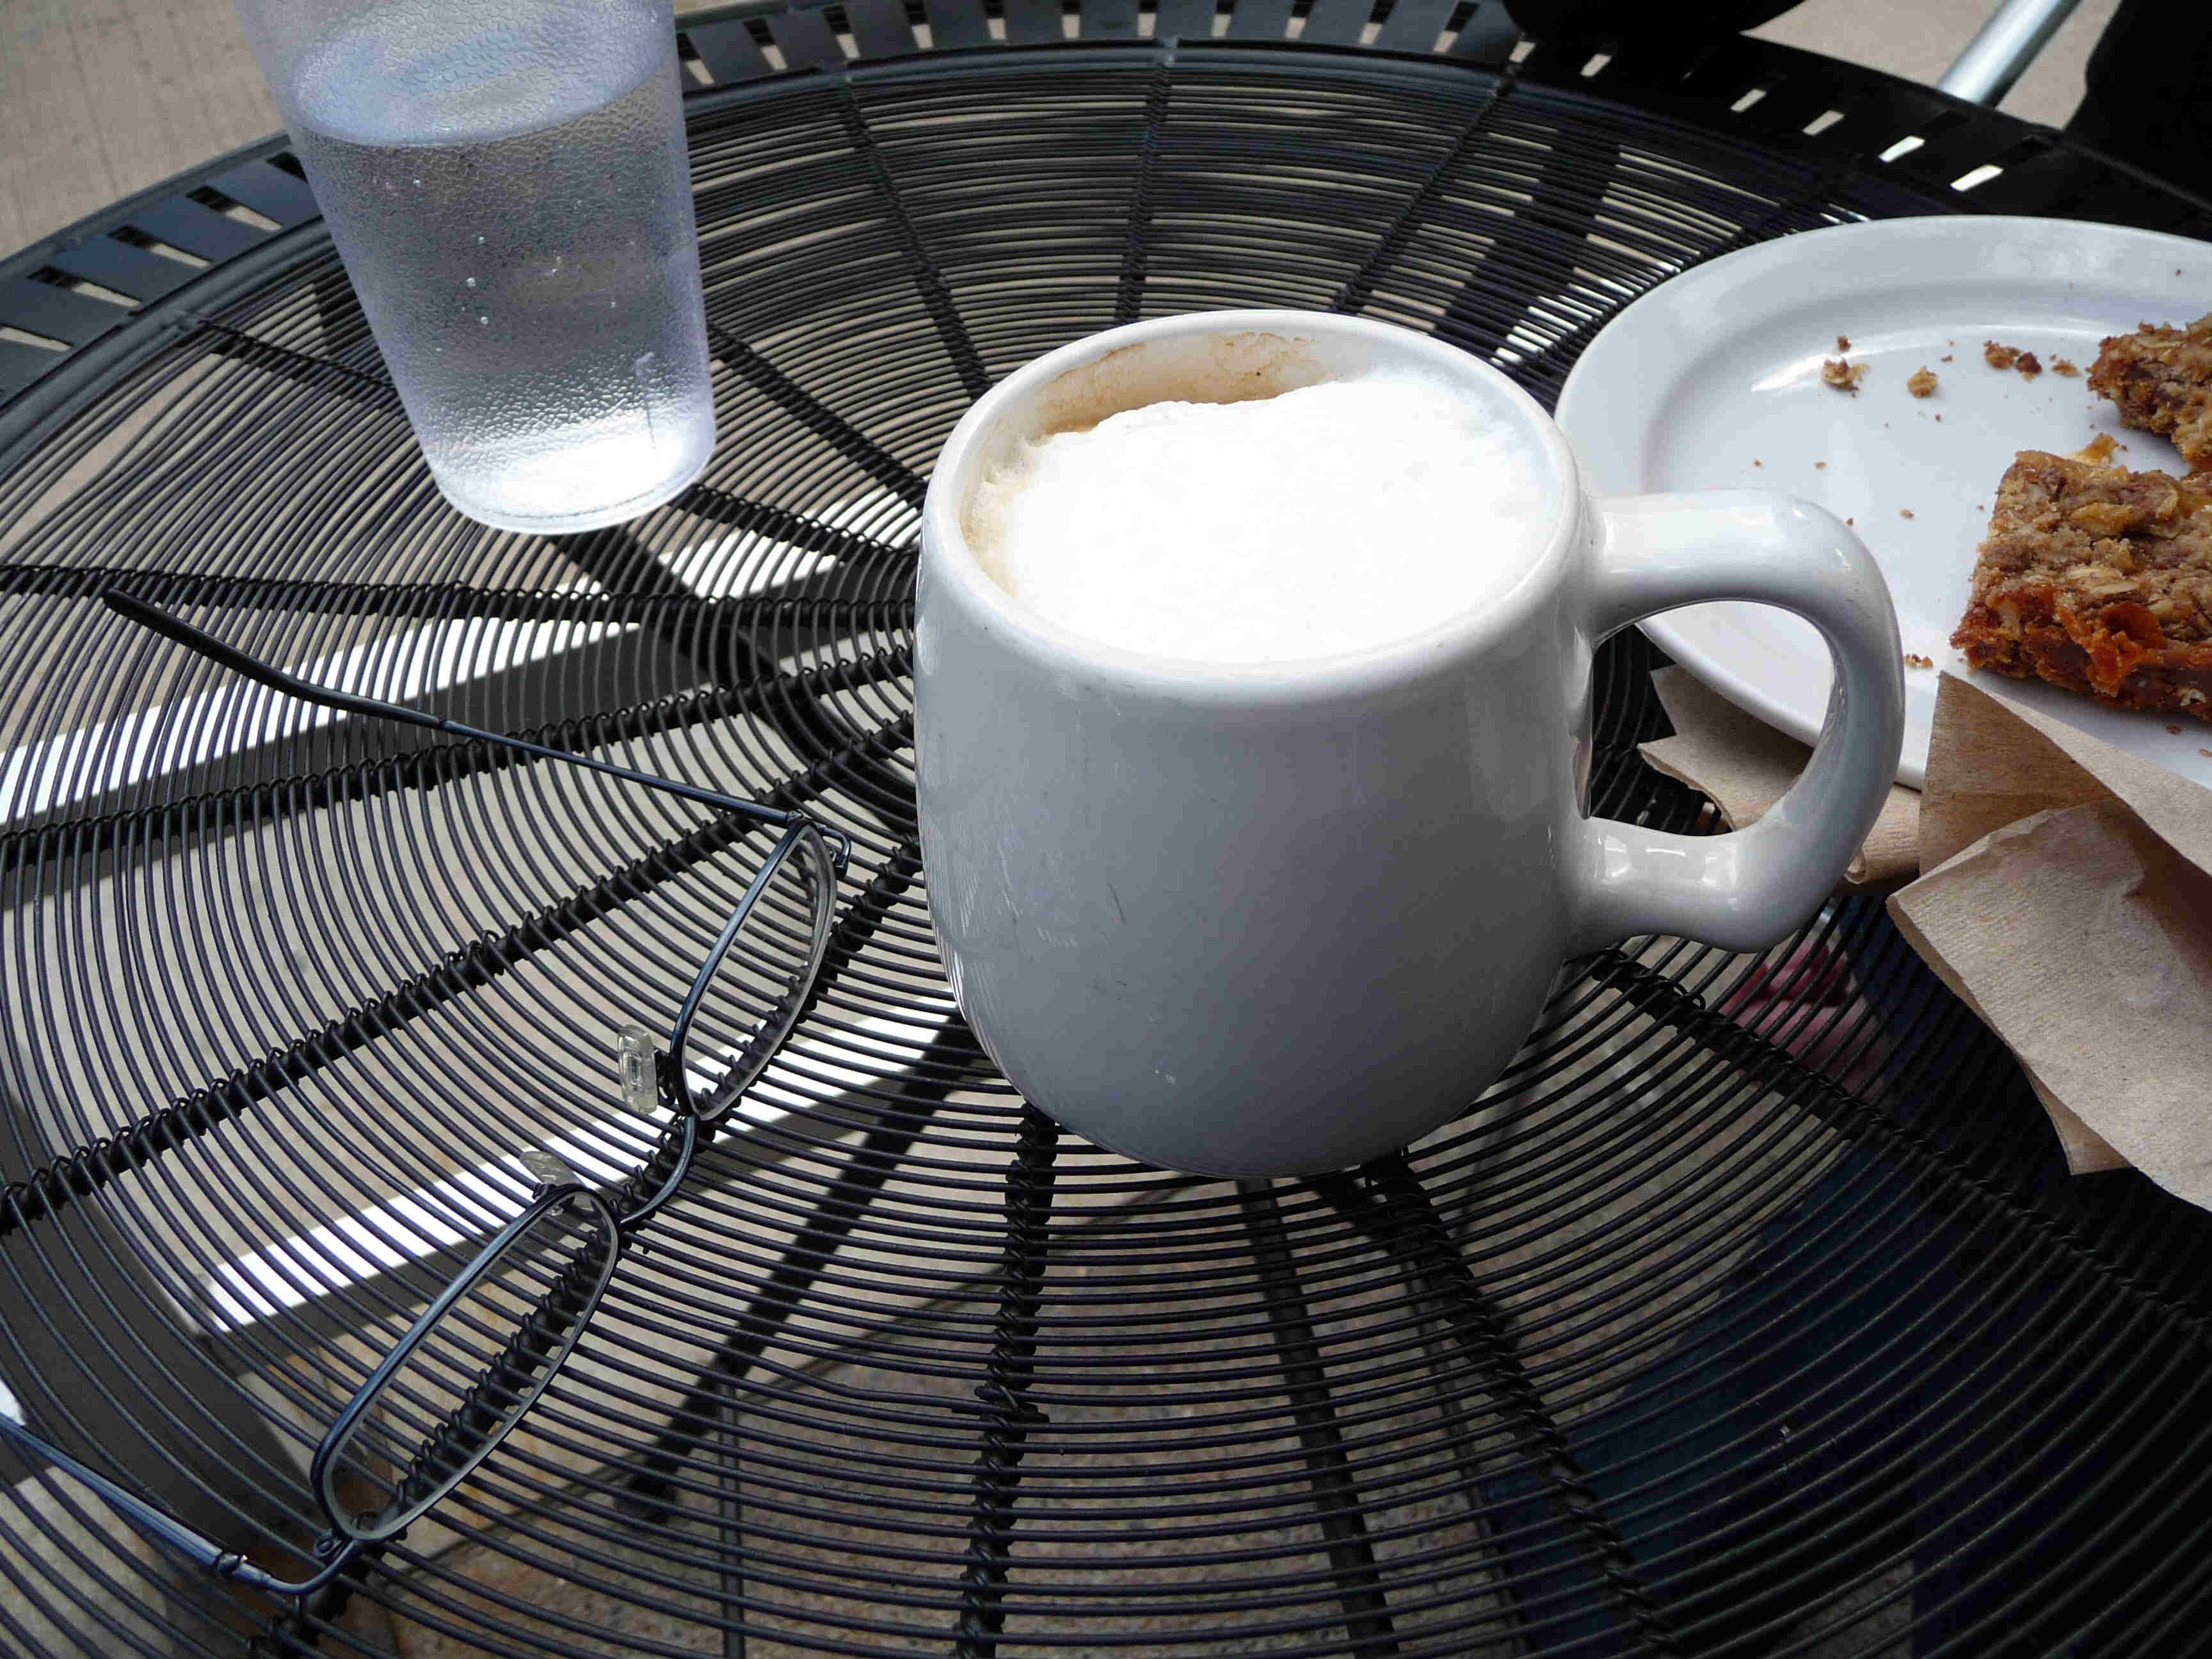 The cappuccino comes in a mug.